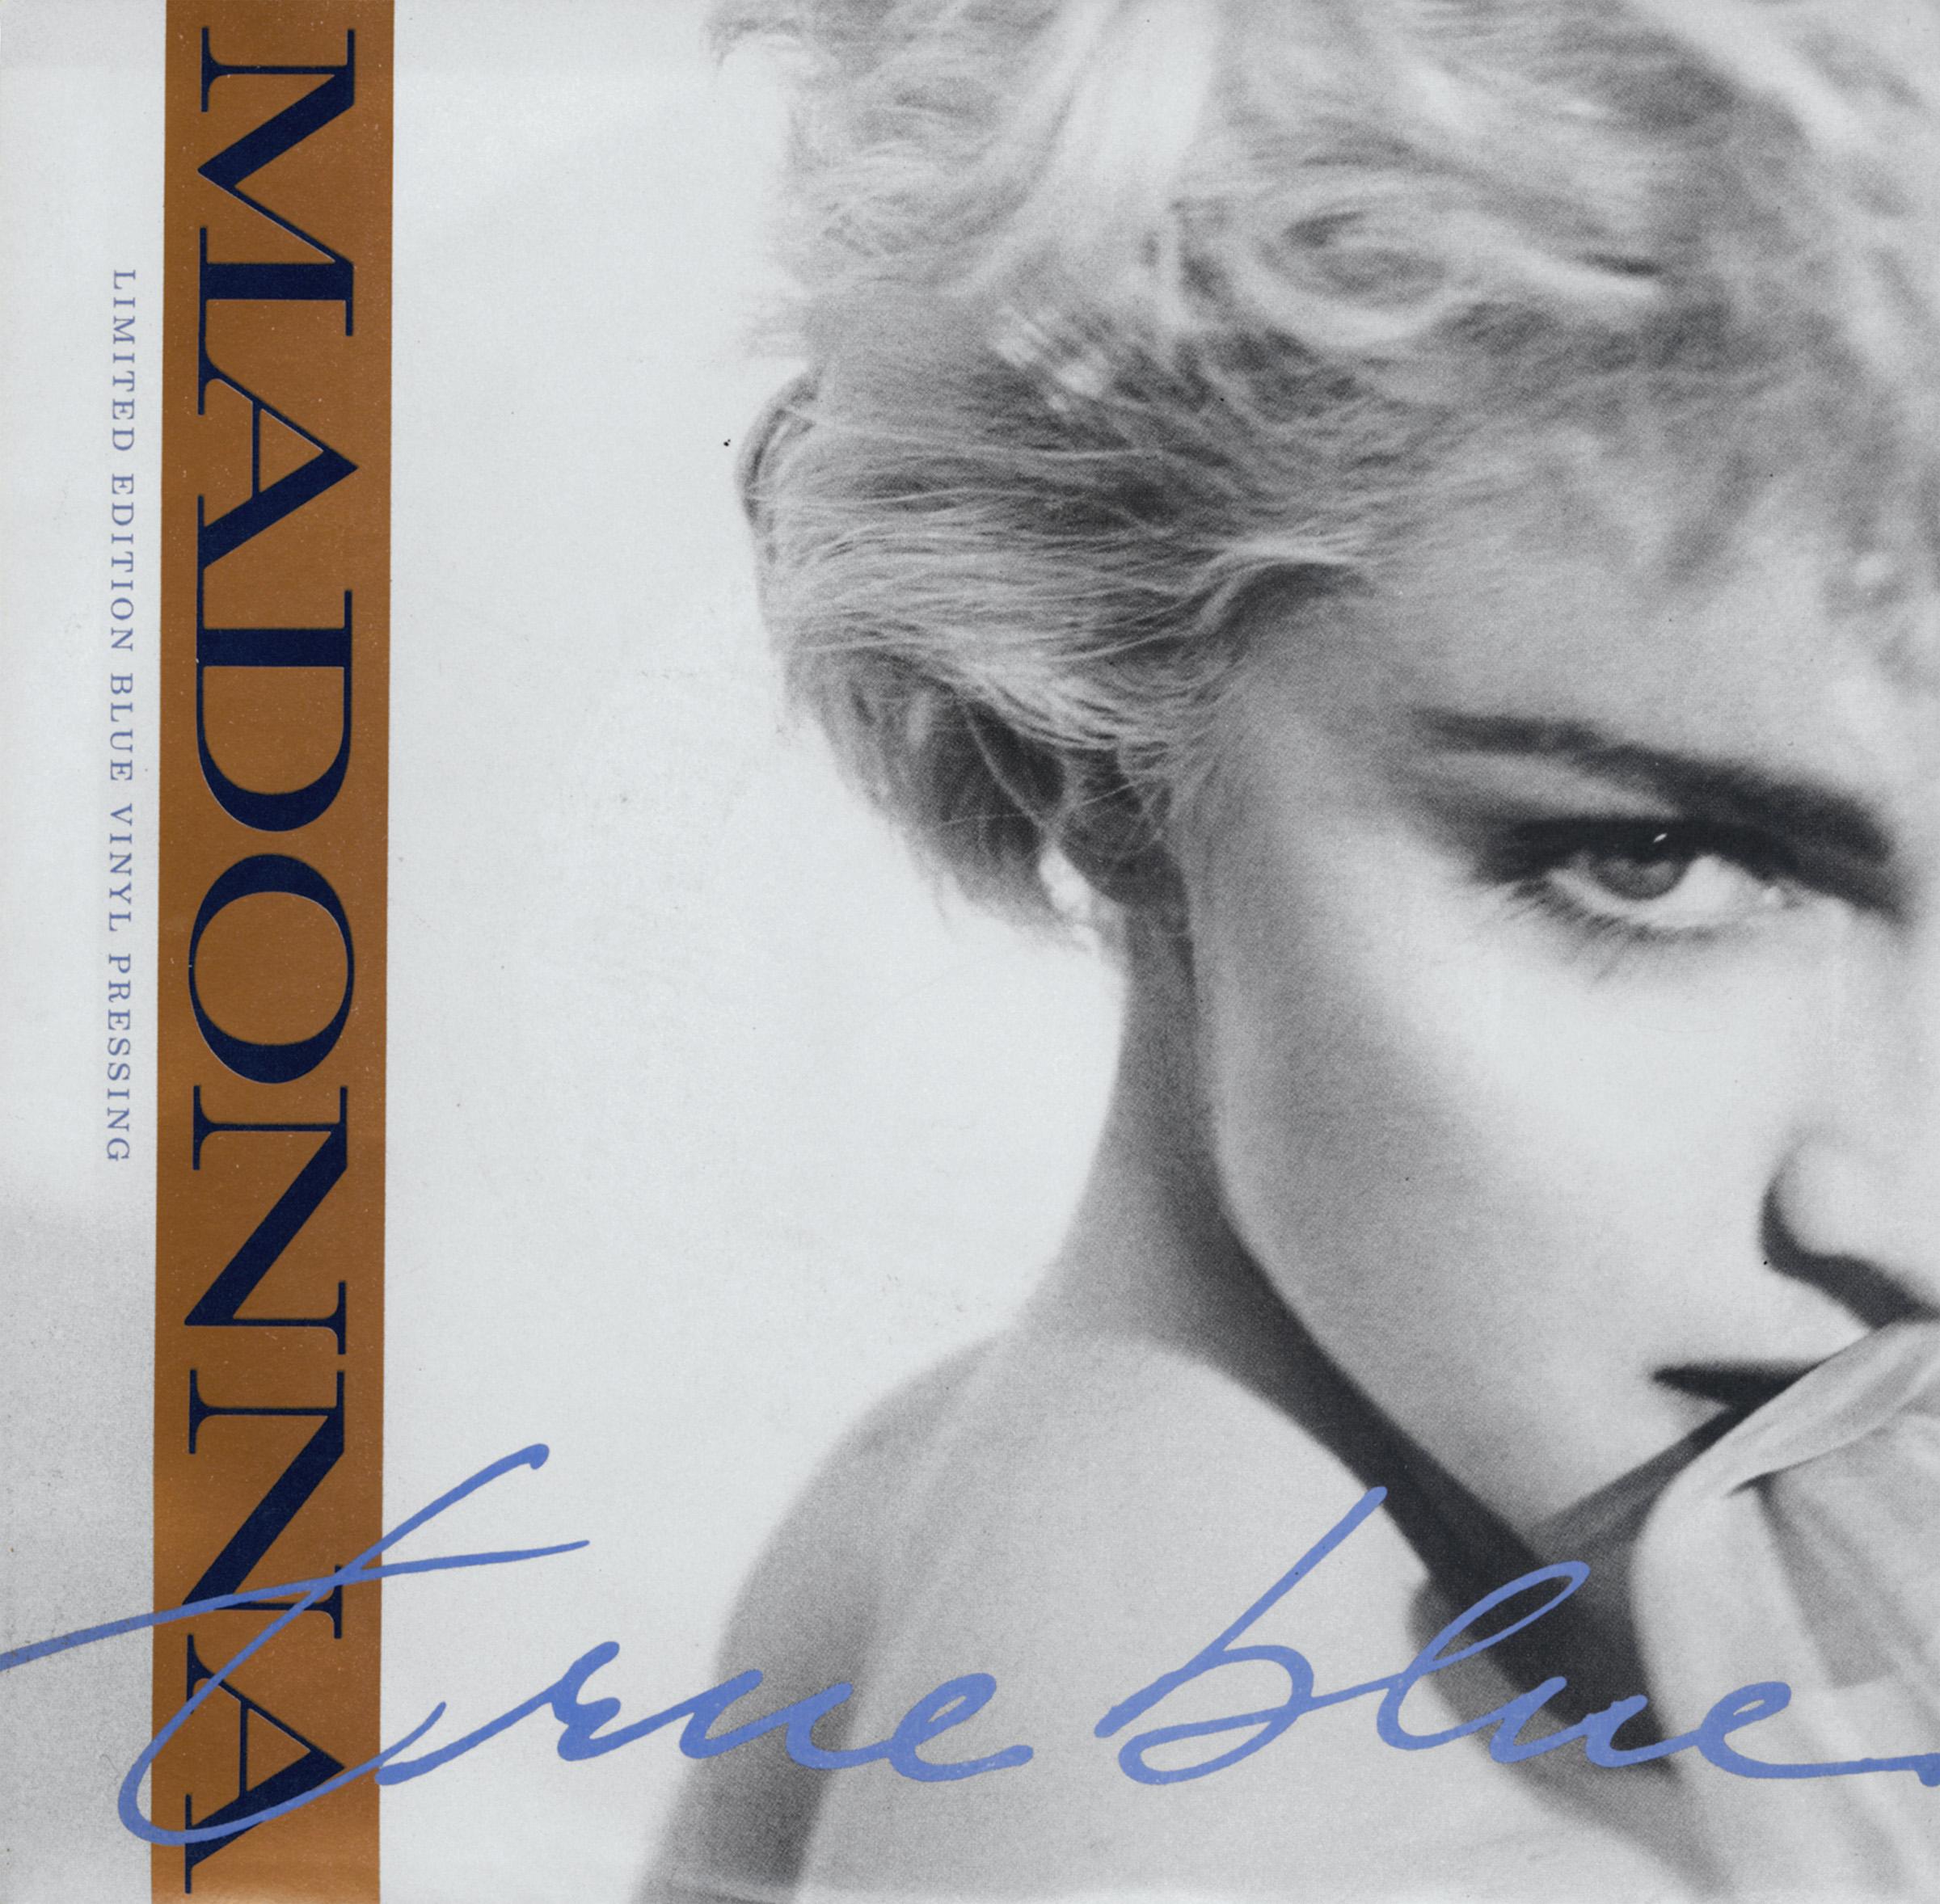 Madonna_trueblue_sgl.jpg